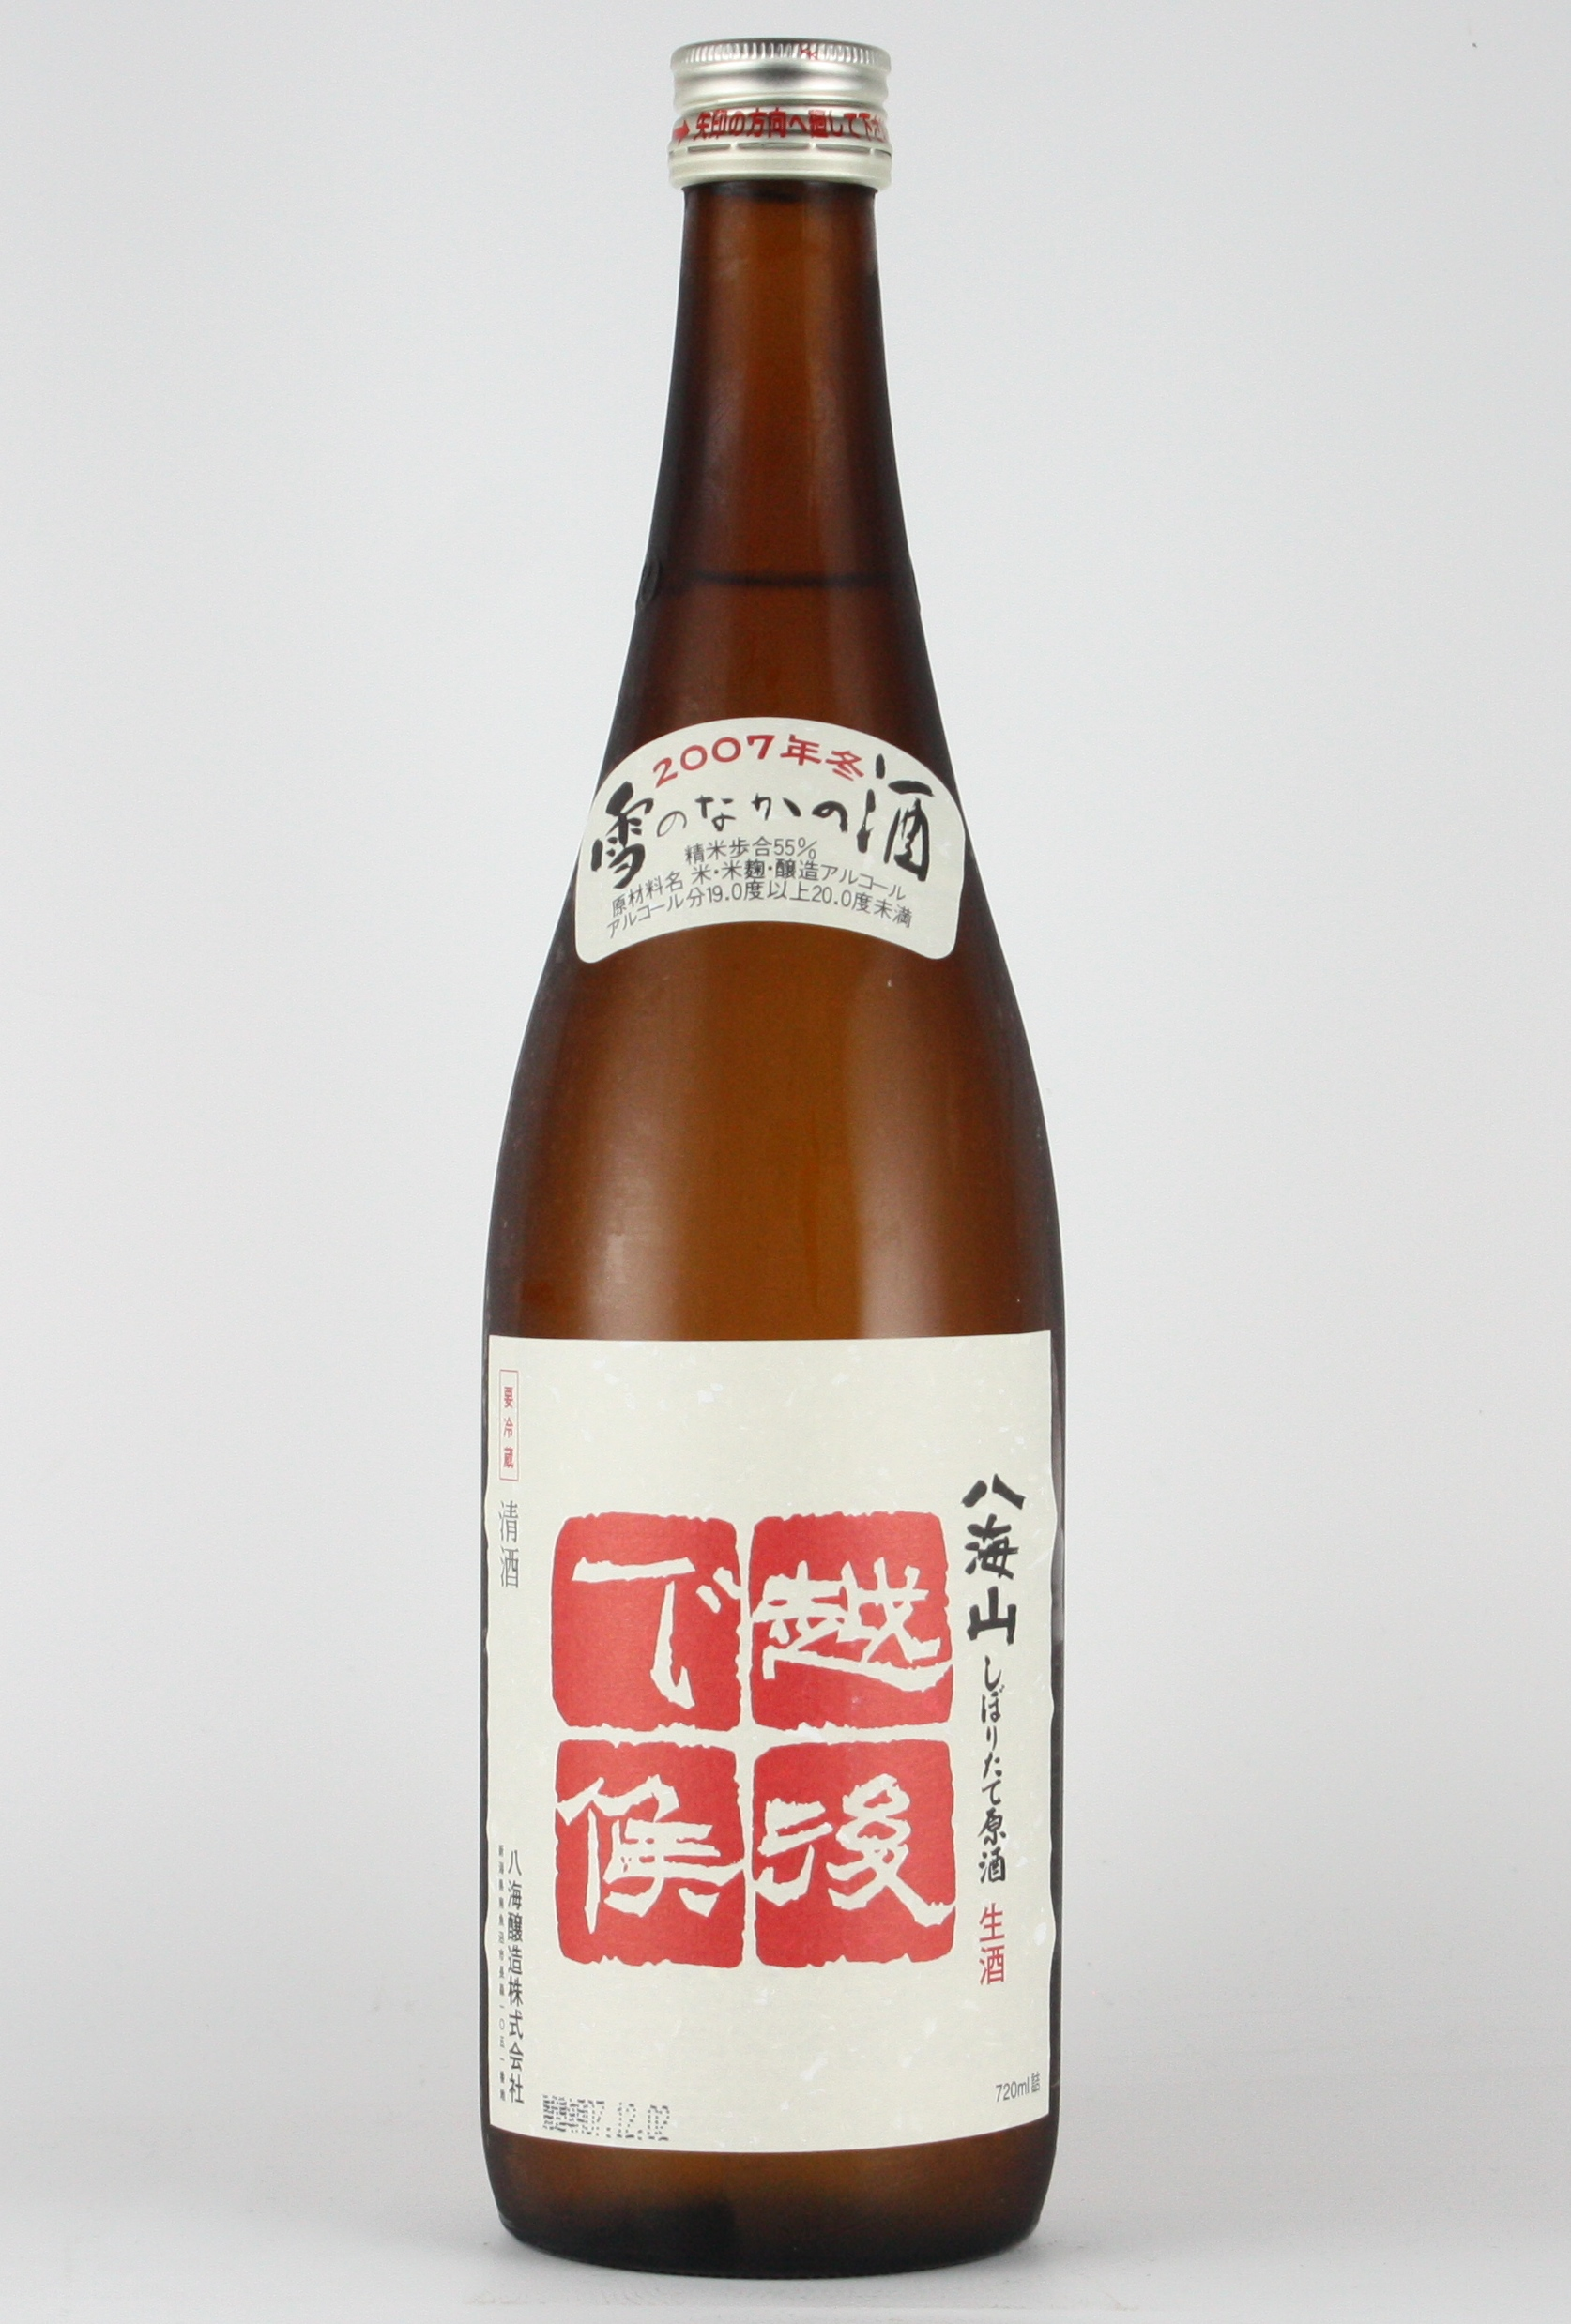 八海山 「越後で候」しぼりたて生原酒 2007年冬 720ml 【新潟/八海醸造】